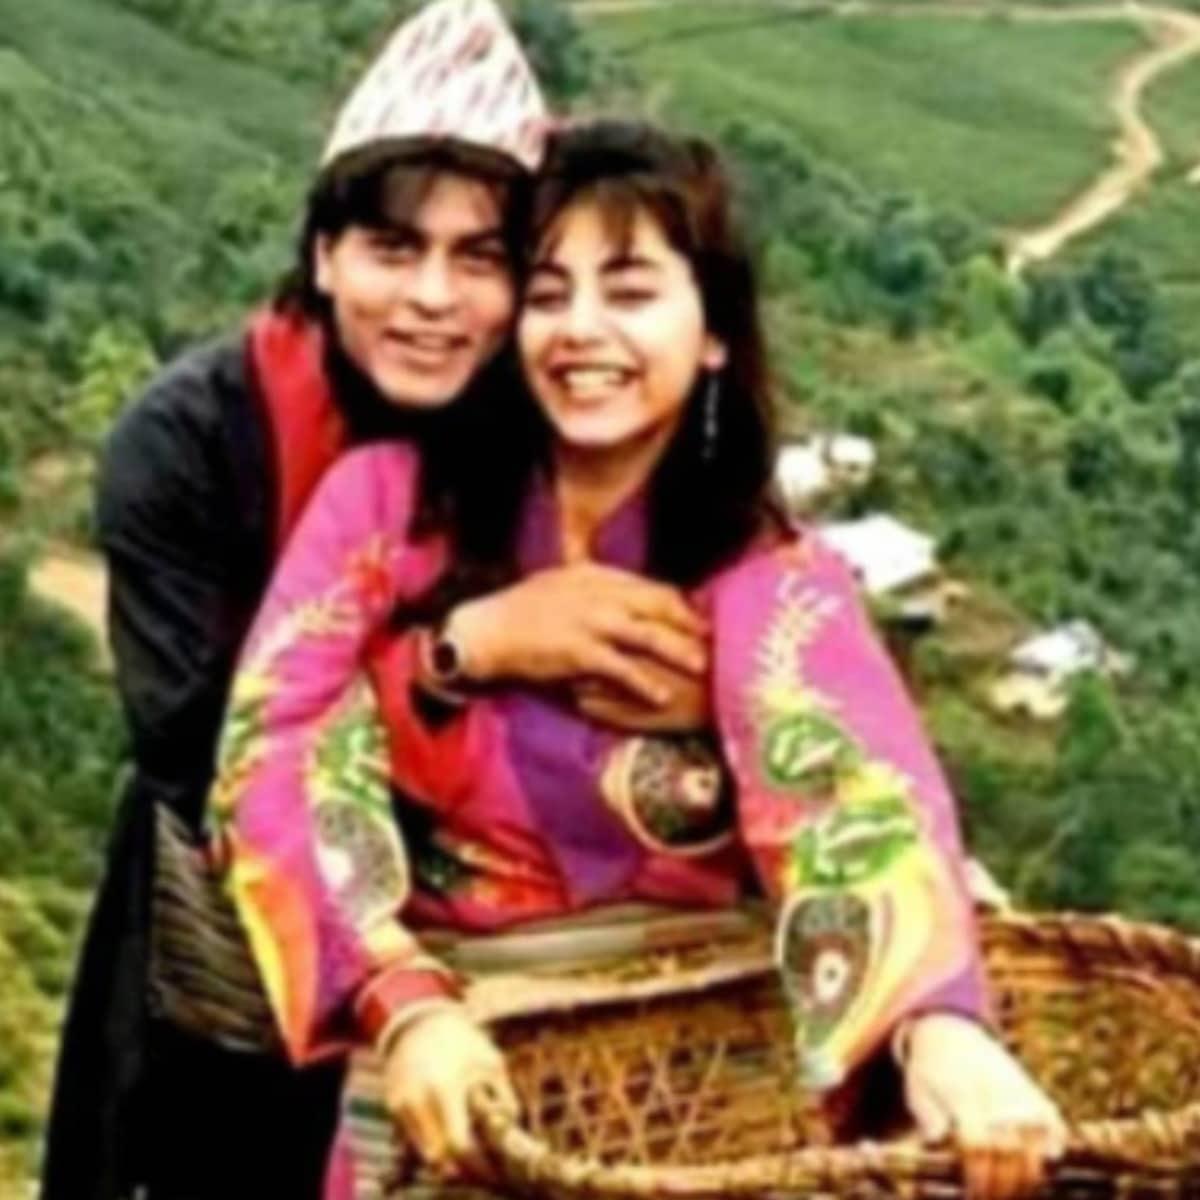 एका पुरस्कार सोहळ्यामध्ये विकी कौशलने शाहरुख-गौरीचा हनीमूनच्या वेळेचा फोटो दाखवत त्यामागची कहाणी विचारली. तेव्हा शाहरुख म्हणाला की हा त्याच्या सर्वात आवडत्या फोटोंपैकी एक आहे. (सौजन्य- पिंकव्हिला)